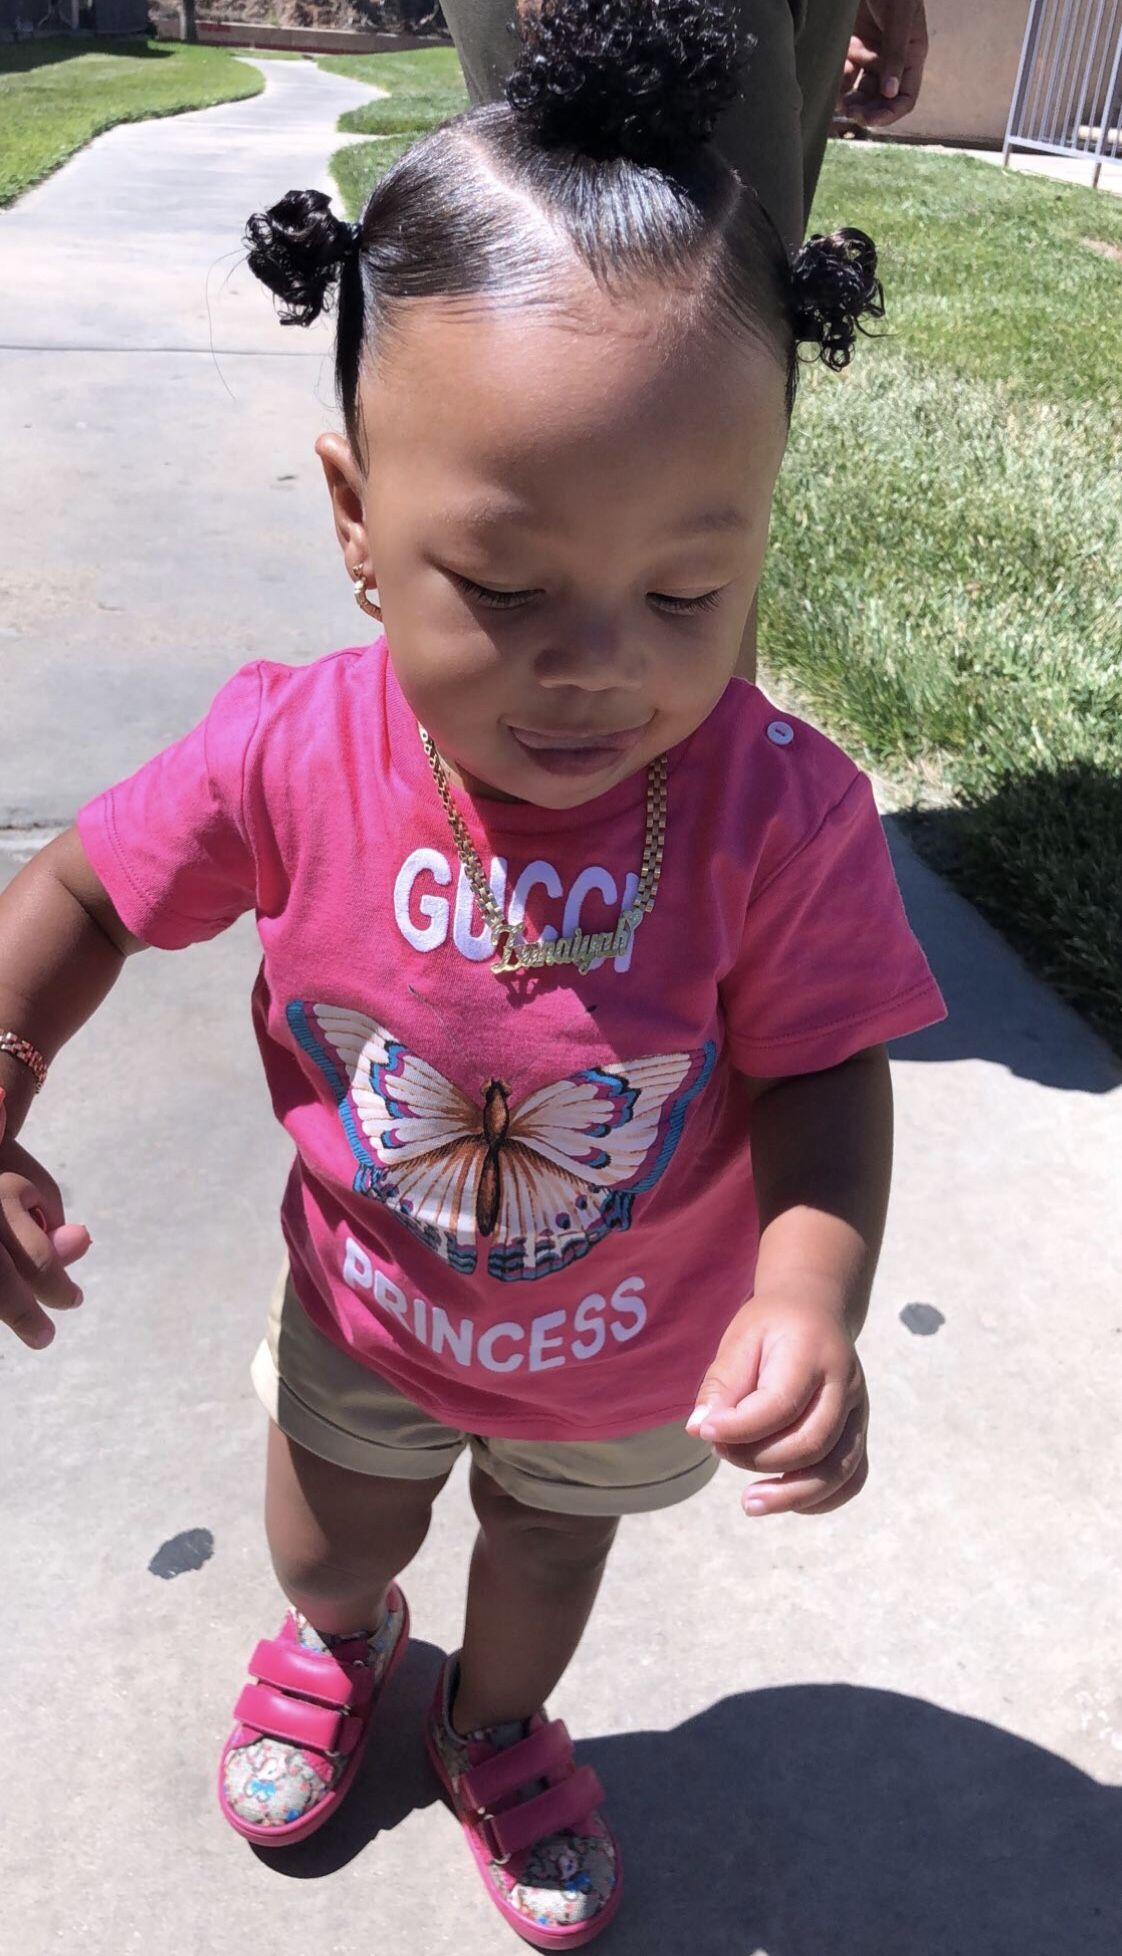 Pin By Deedee On Kid Hair Styles Black Baby Girl Hairstyles Baby Girl Hairstyles Black Baby Hairstyles